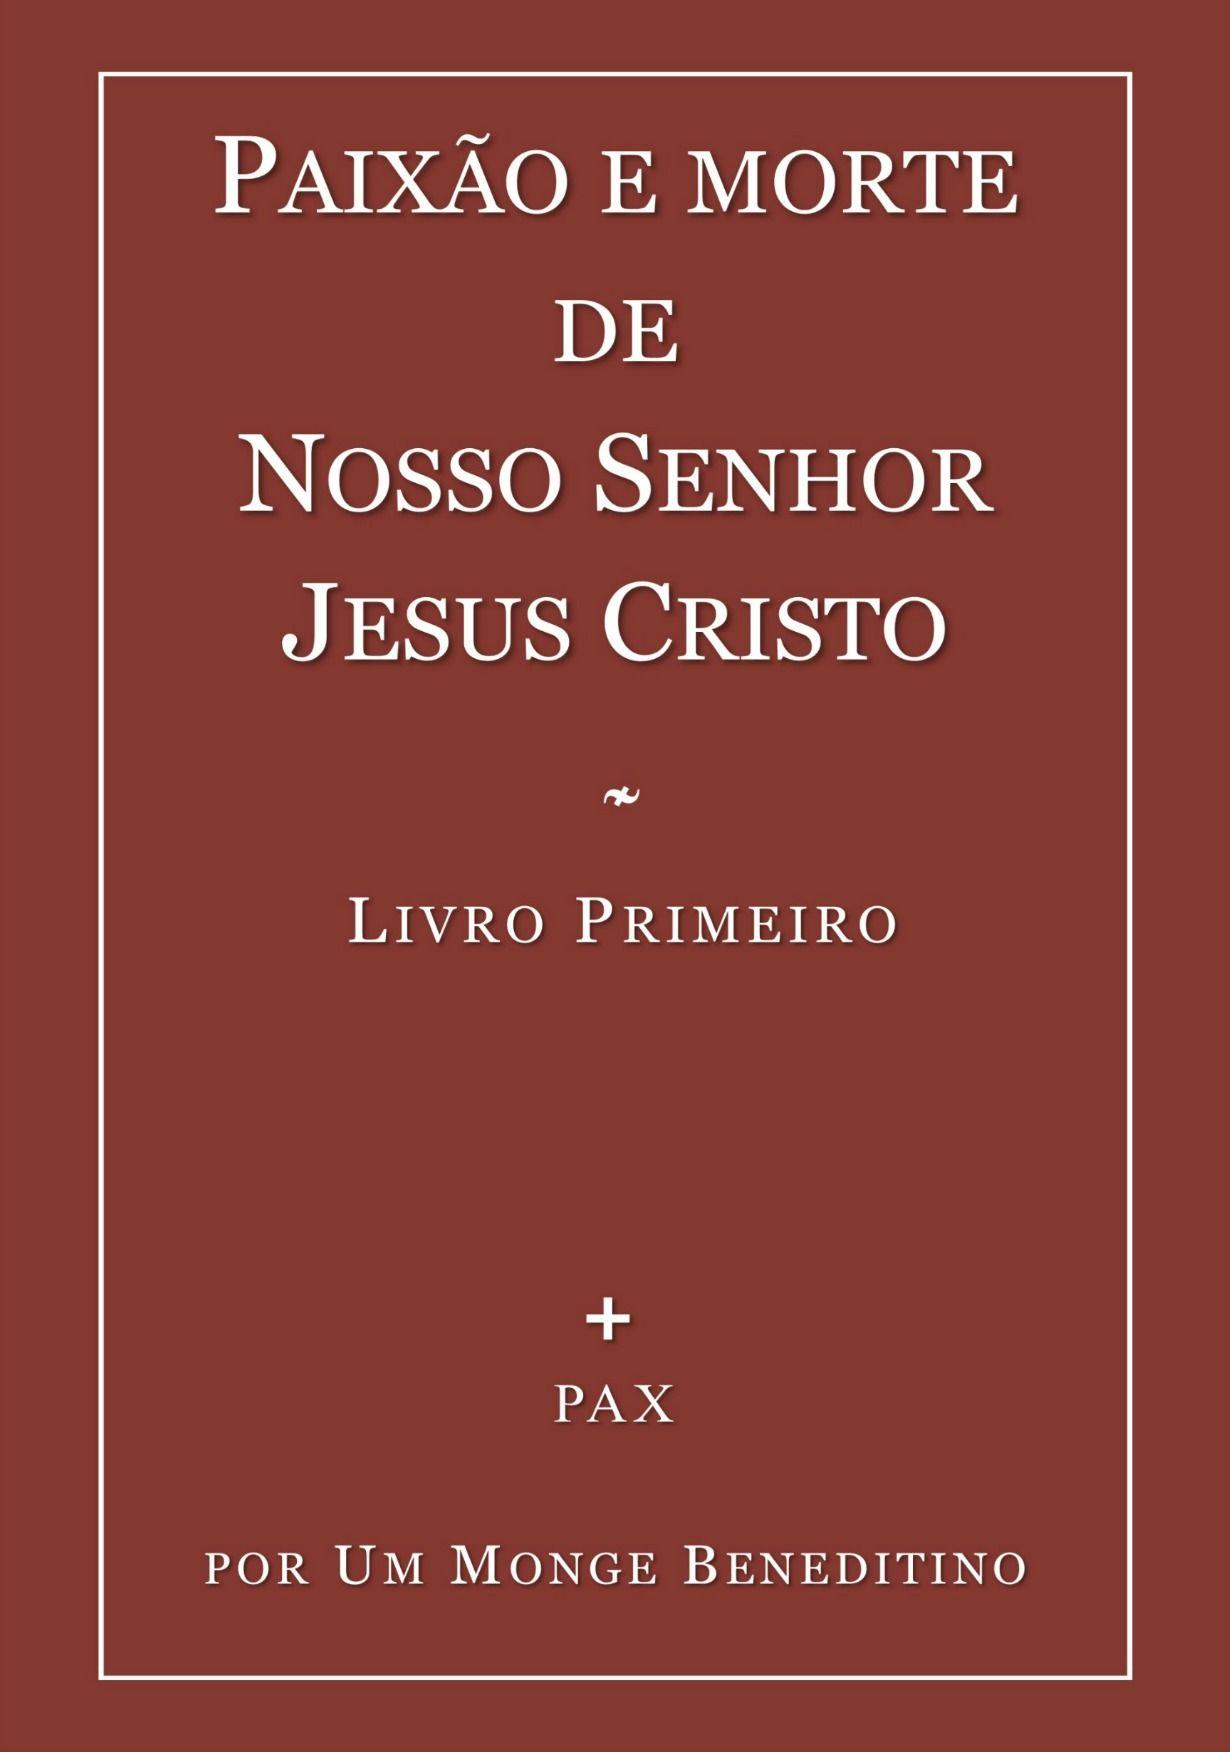 Paixão e Morte de Nosso Senhor Jesus Cristo - Livro I